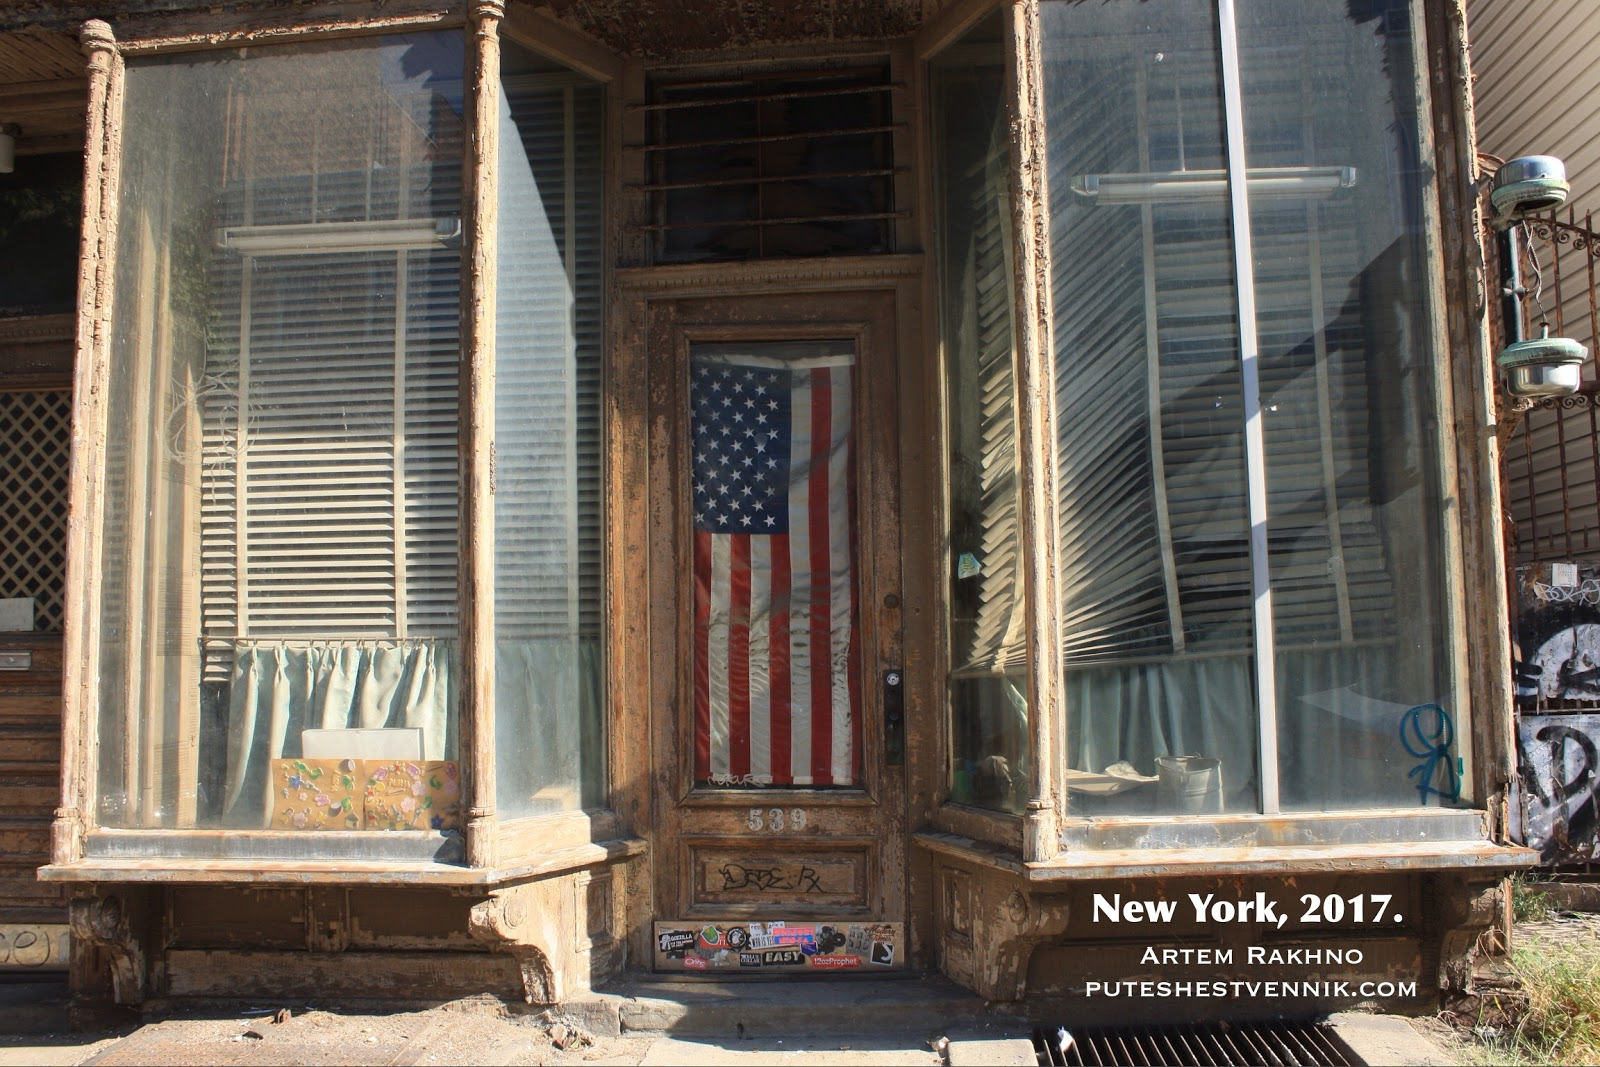 Старинный дом с американским флагом в Нью-Йорке